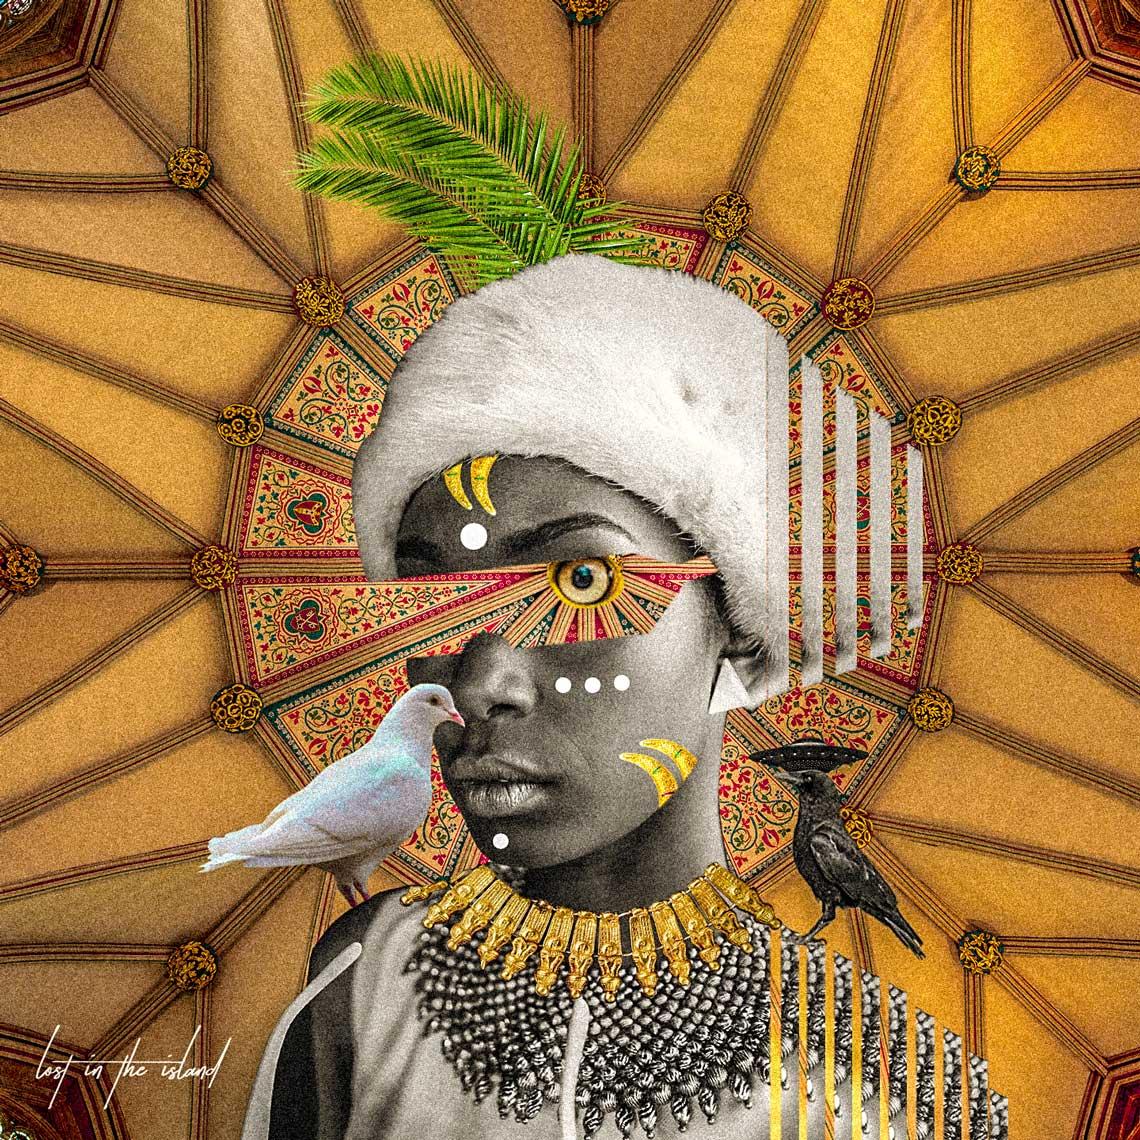 afrofuturism-collages-of-kaylan-m-9